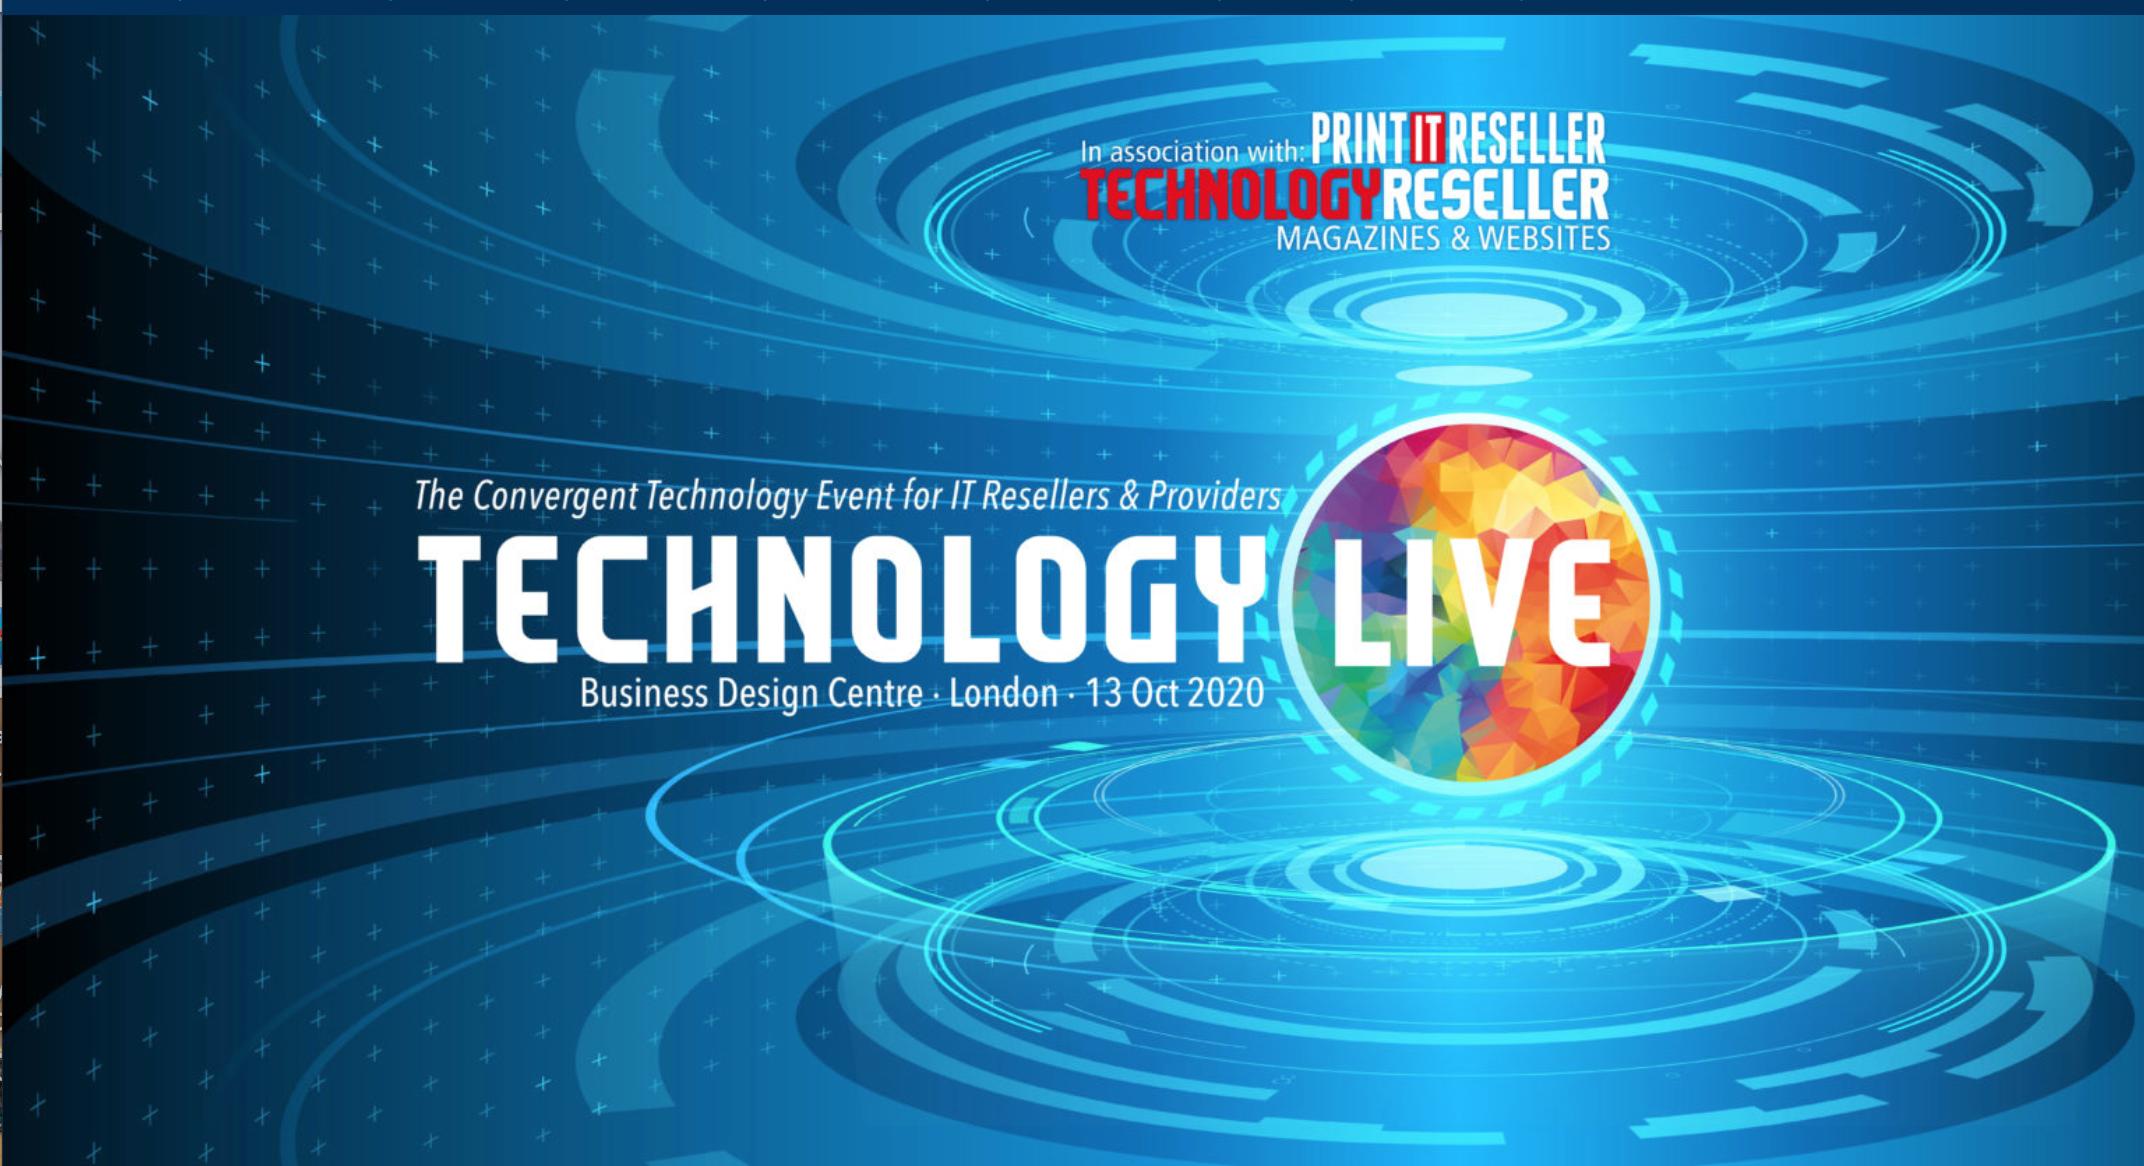 technology live logo